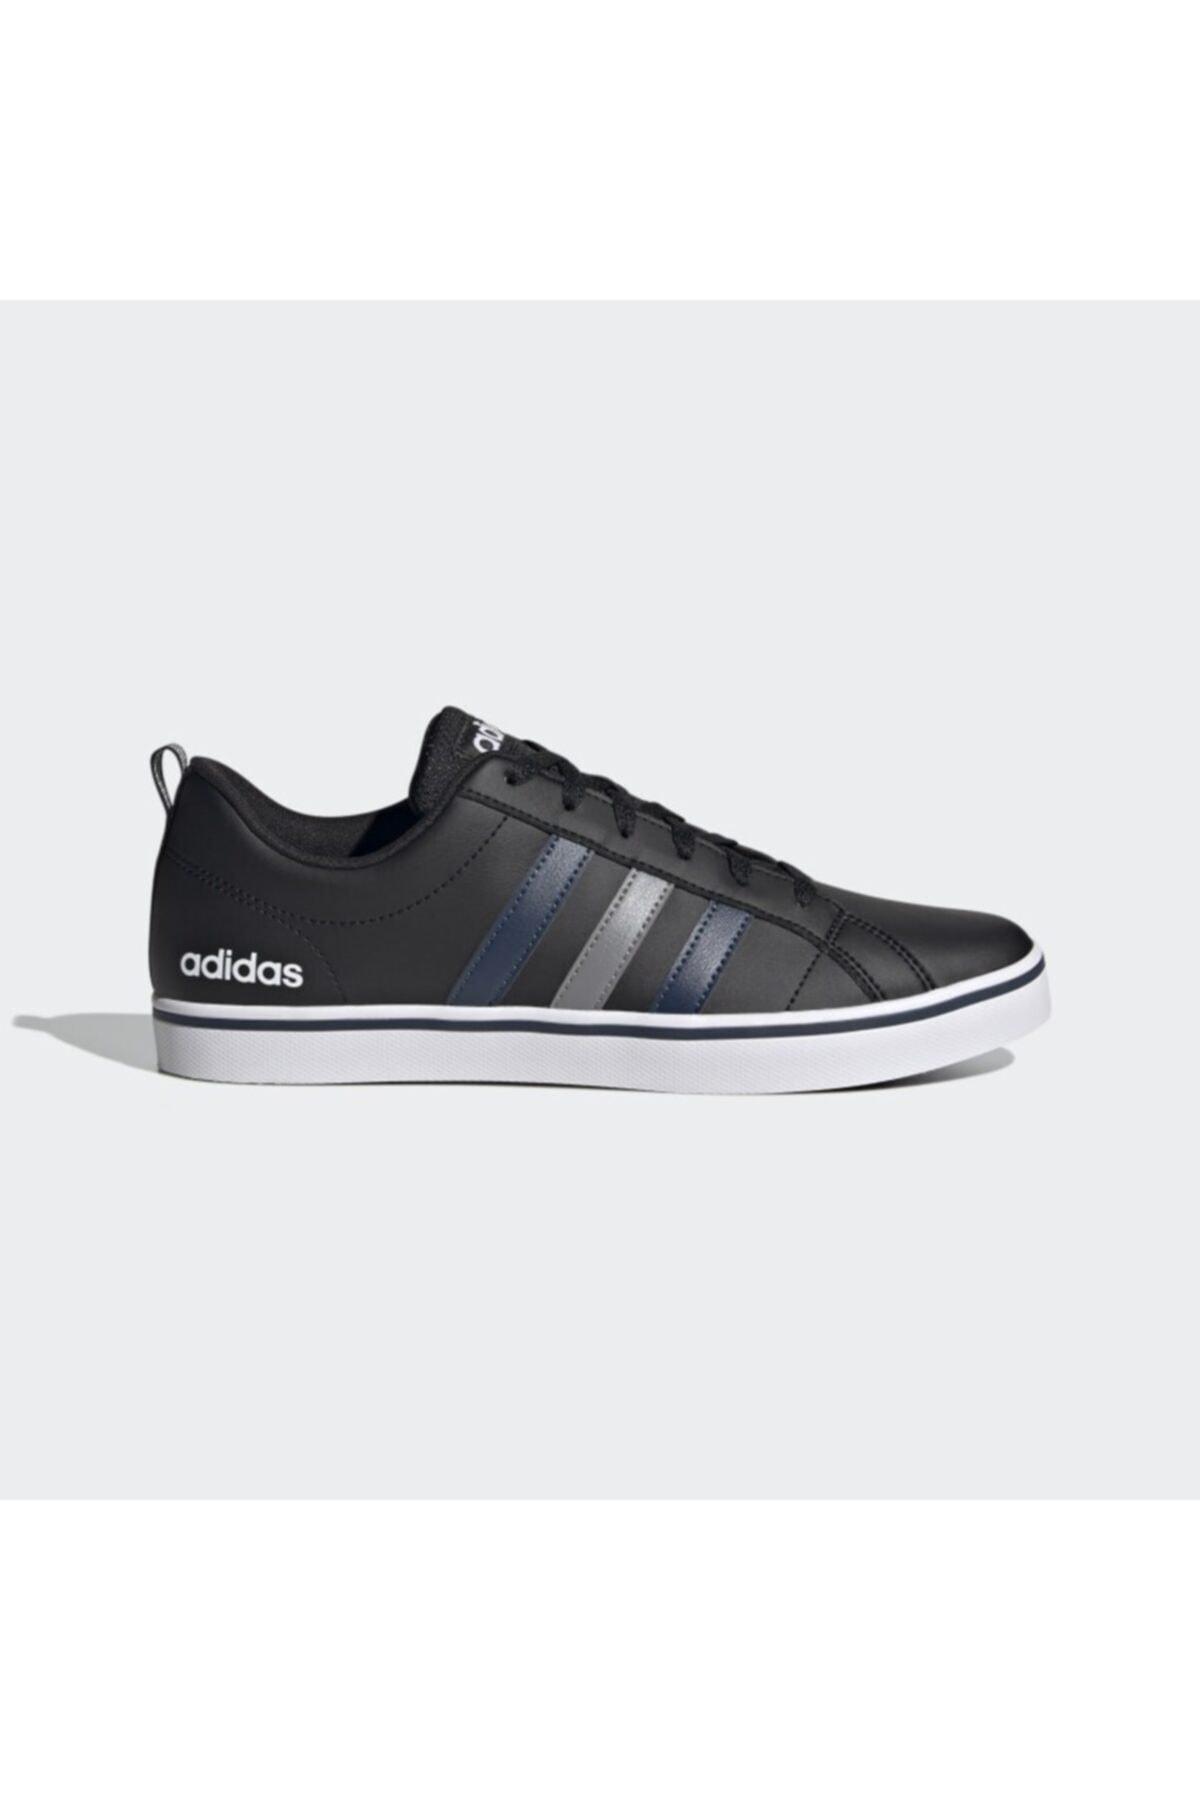 Vs Pace Erkek Günlük Spor Ayakkabı Fy8559